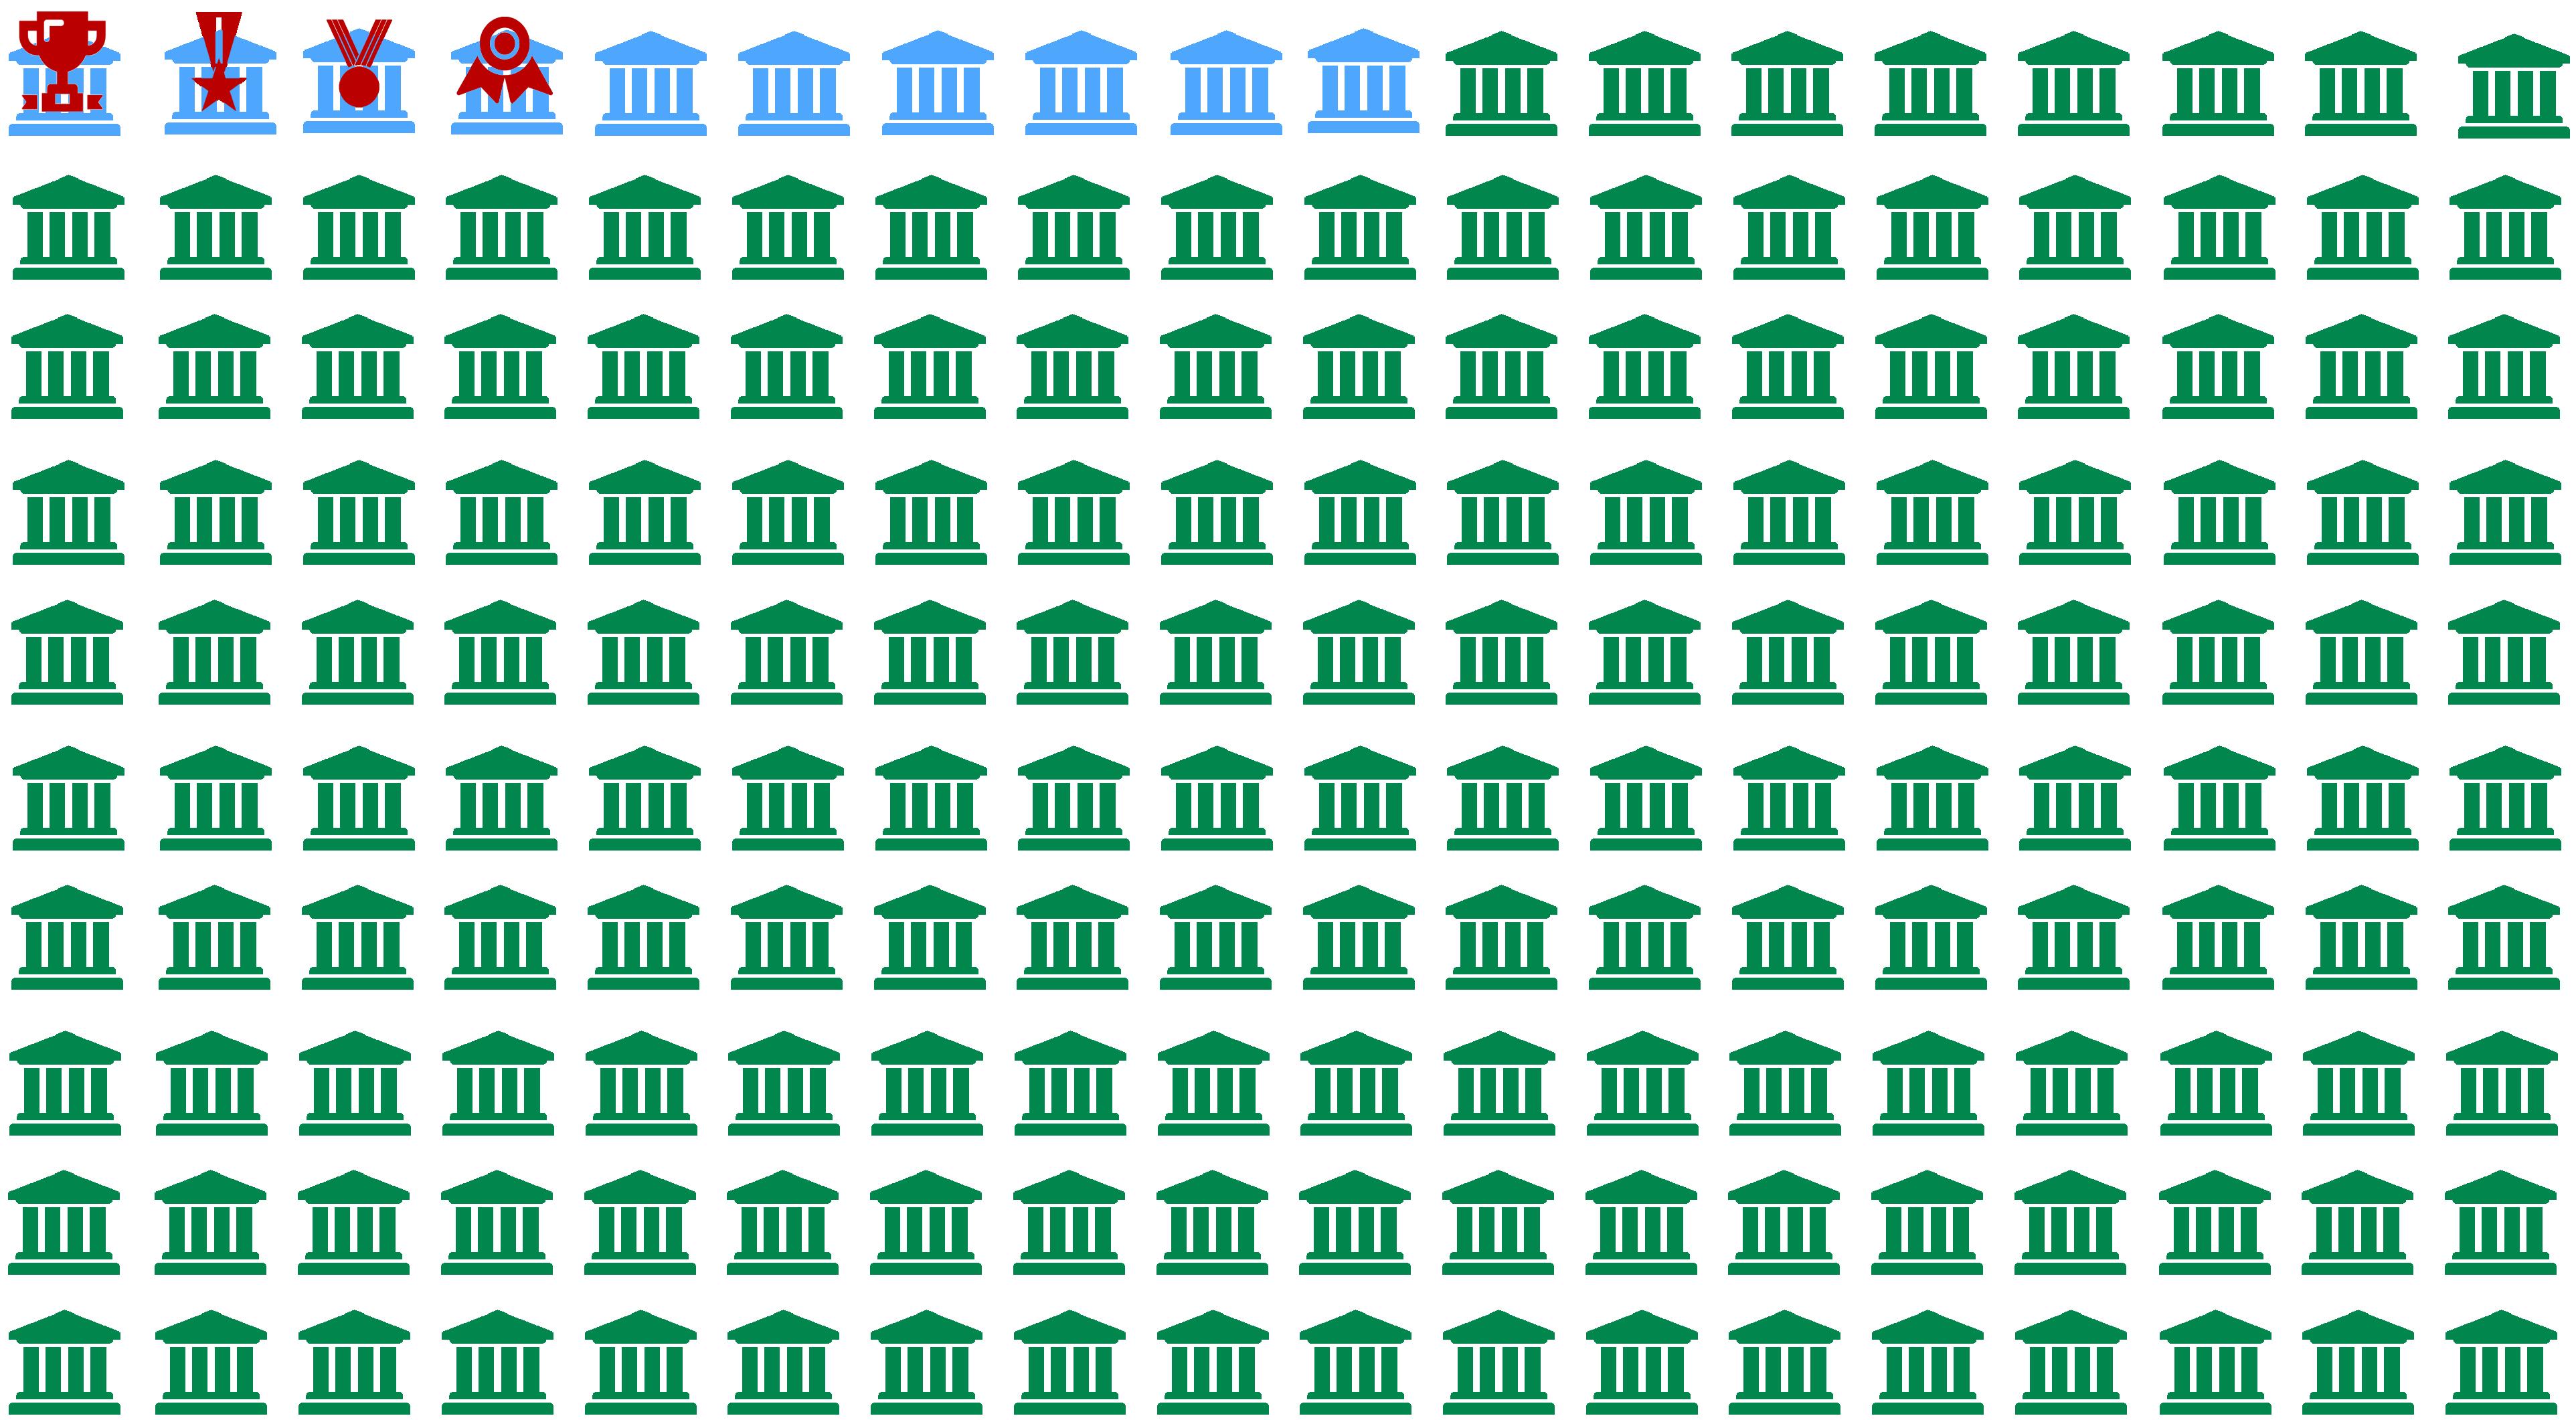 Grafico che rappresenta la distribuzione delle università rispetto alla classifica dai migliori ai peggiori